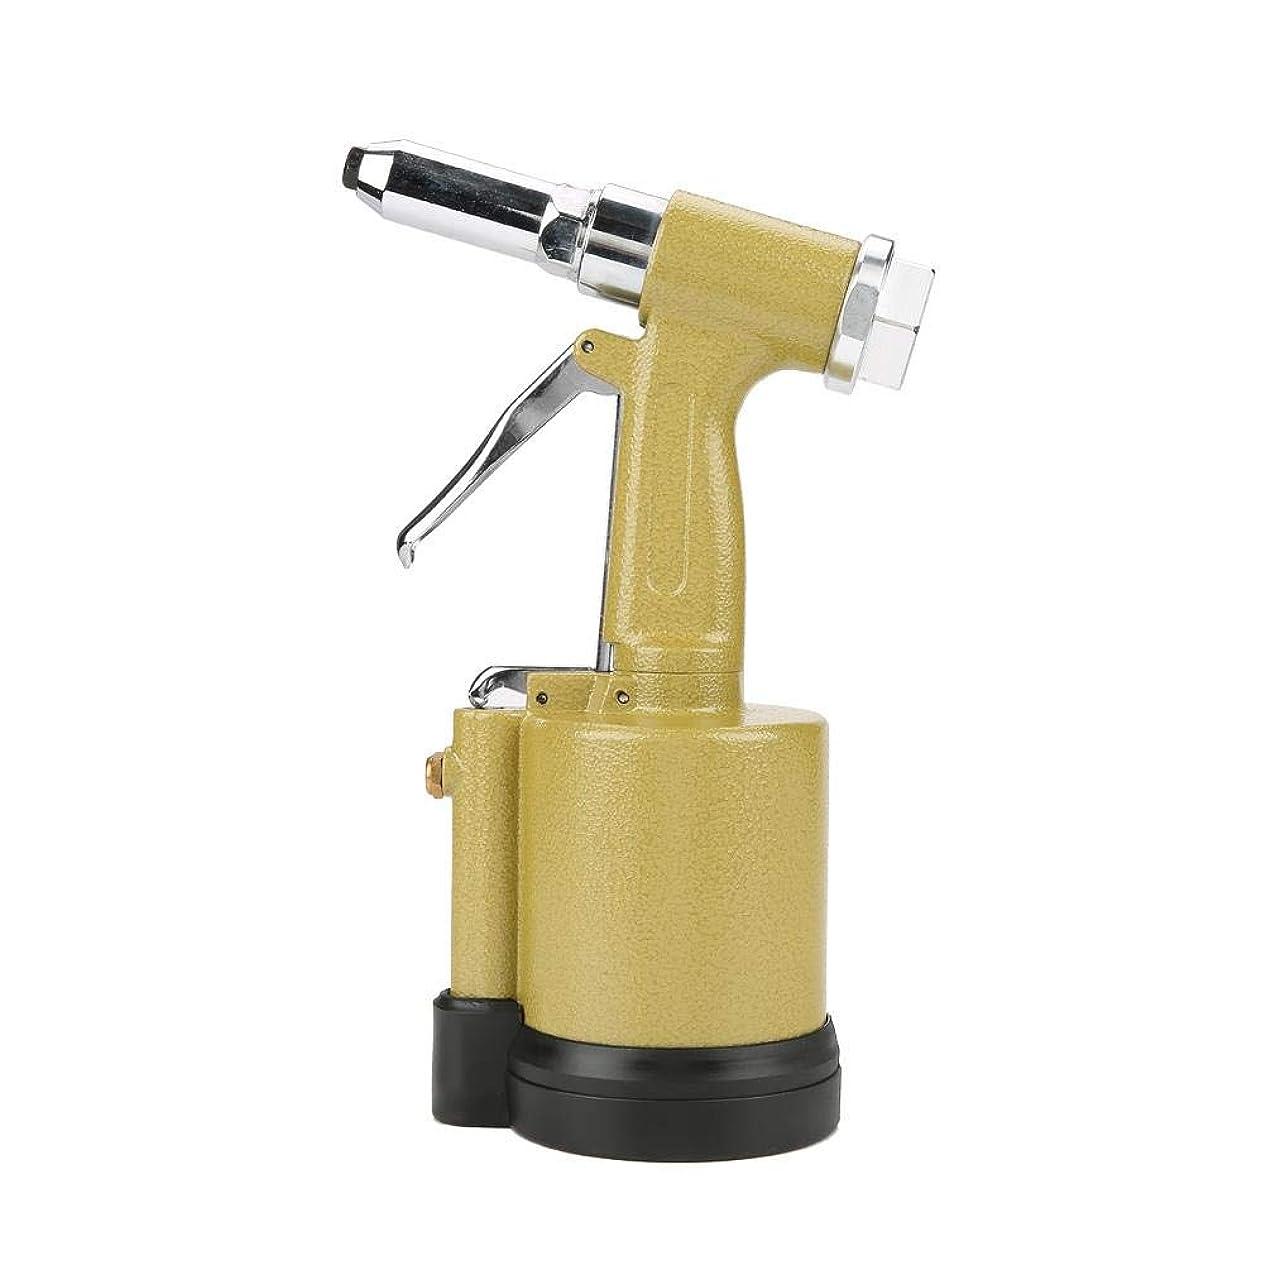 猫背巨大ブランド名Yosoo 空気圧リベッター 工業ヘビーデューティ 油圧空気圧リベットガン 工業用グレード多機能 ポンド引っ張り力 リベットツールキットセット アクセサリー付き(黄色)